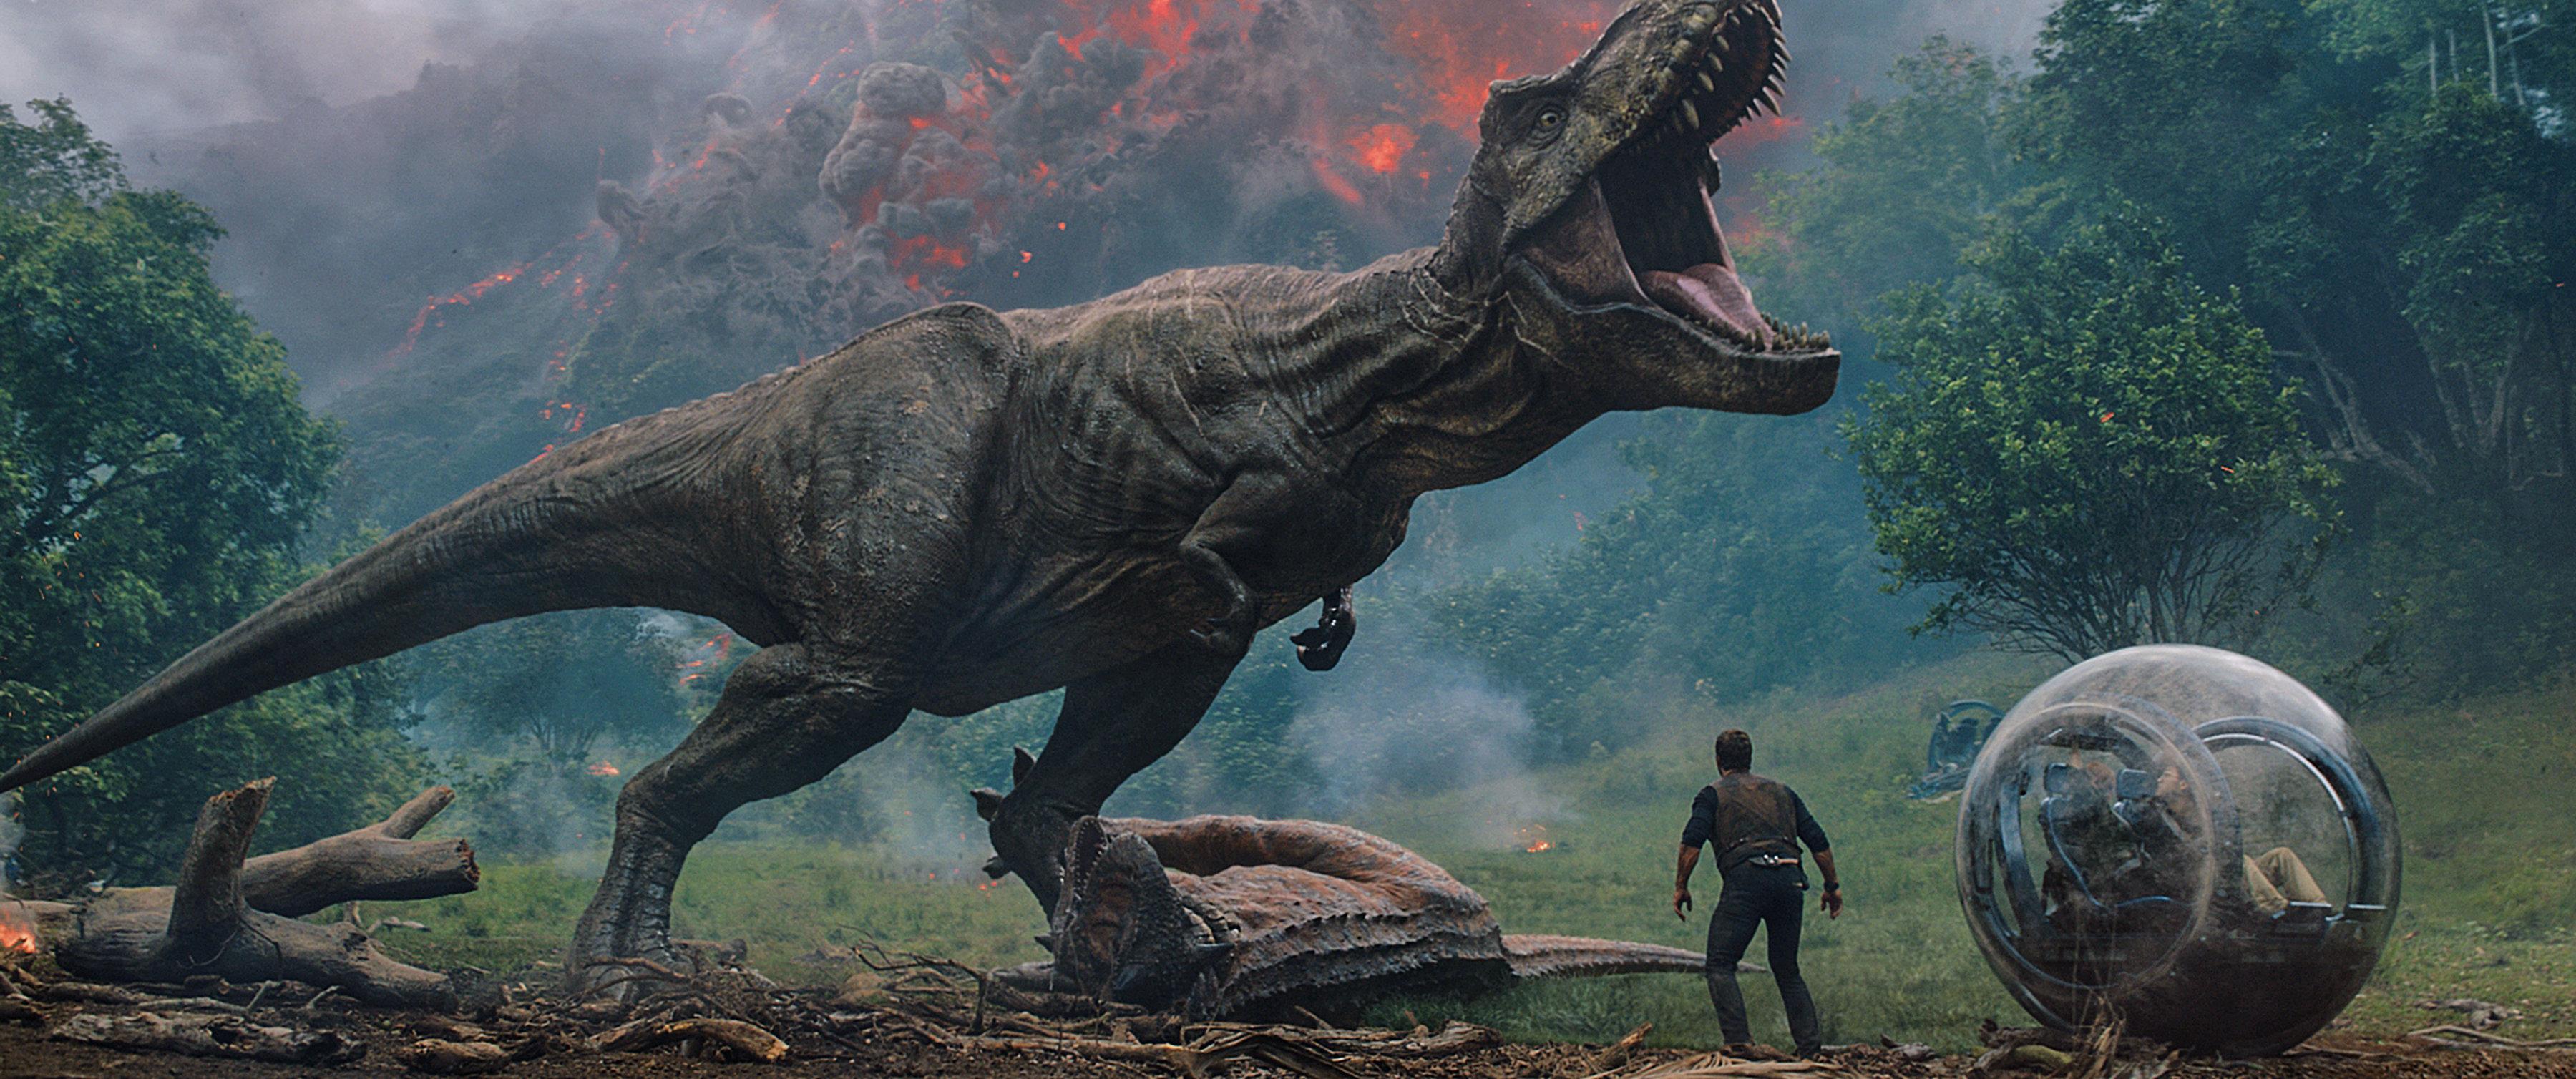 T-rex,